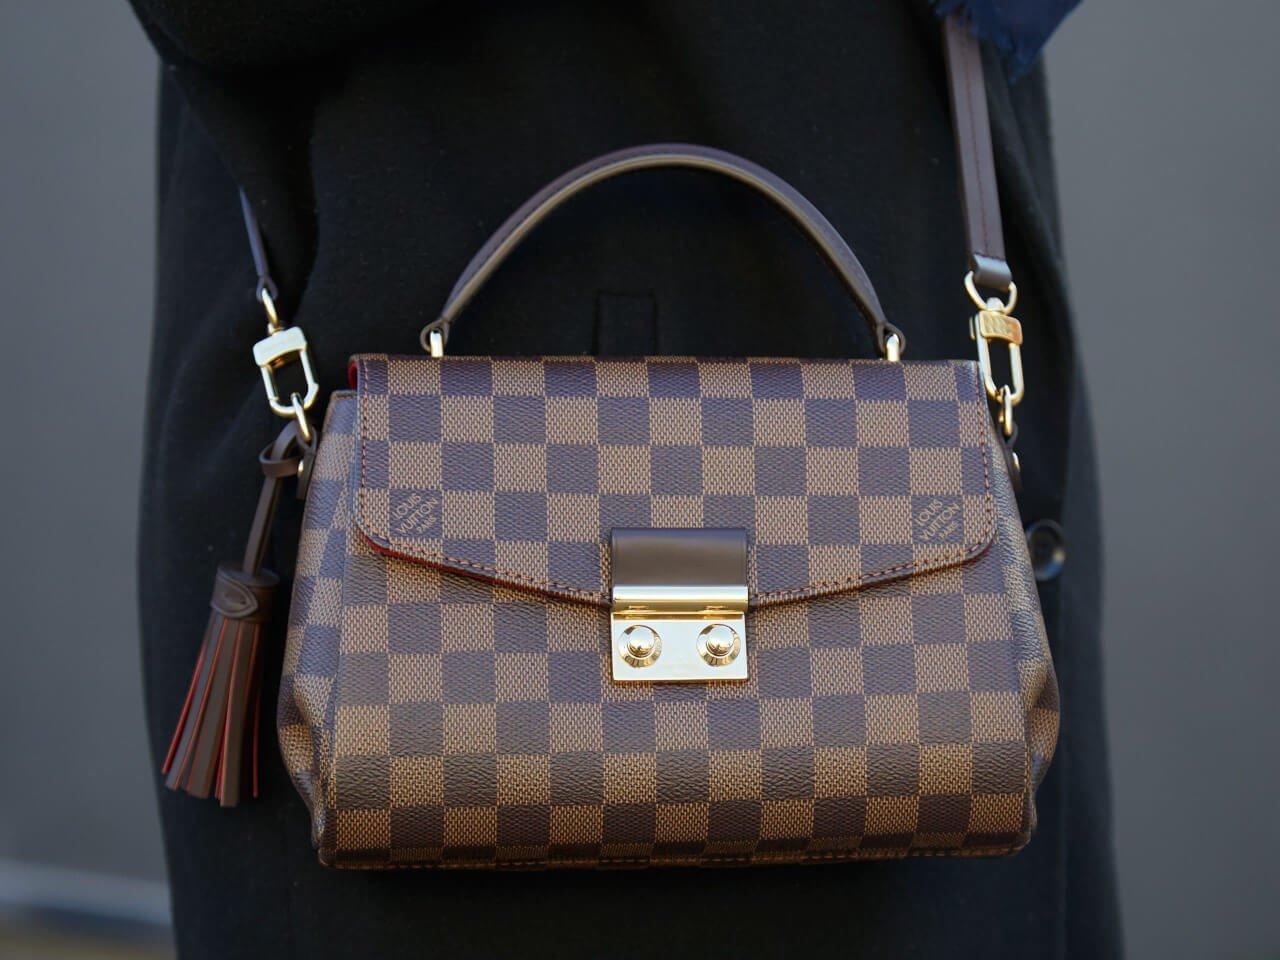 Come riconoscere una borsa Louis Vuitton autentica da un'imitazione